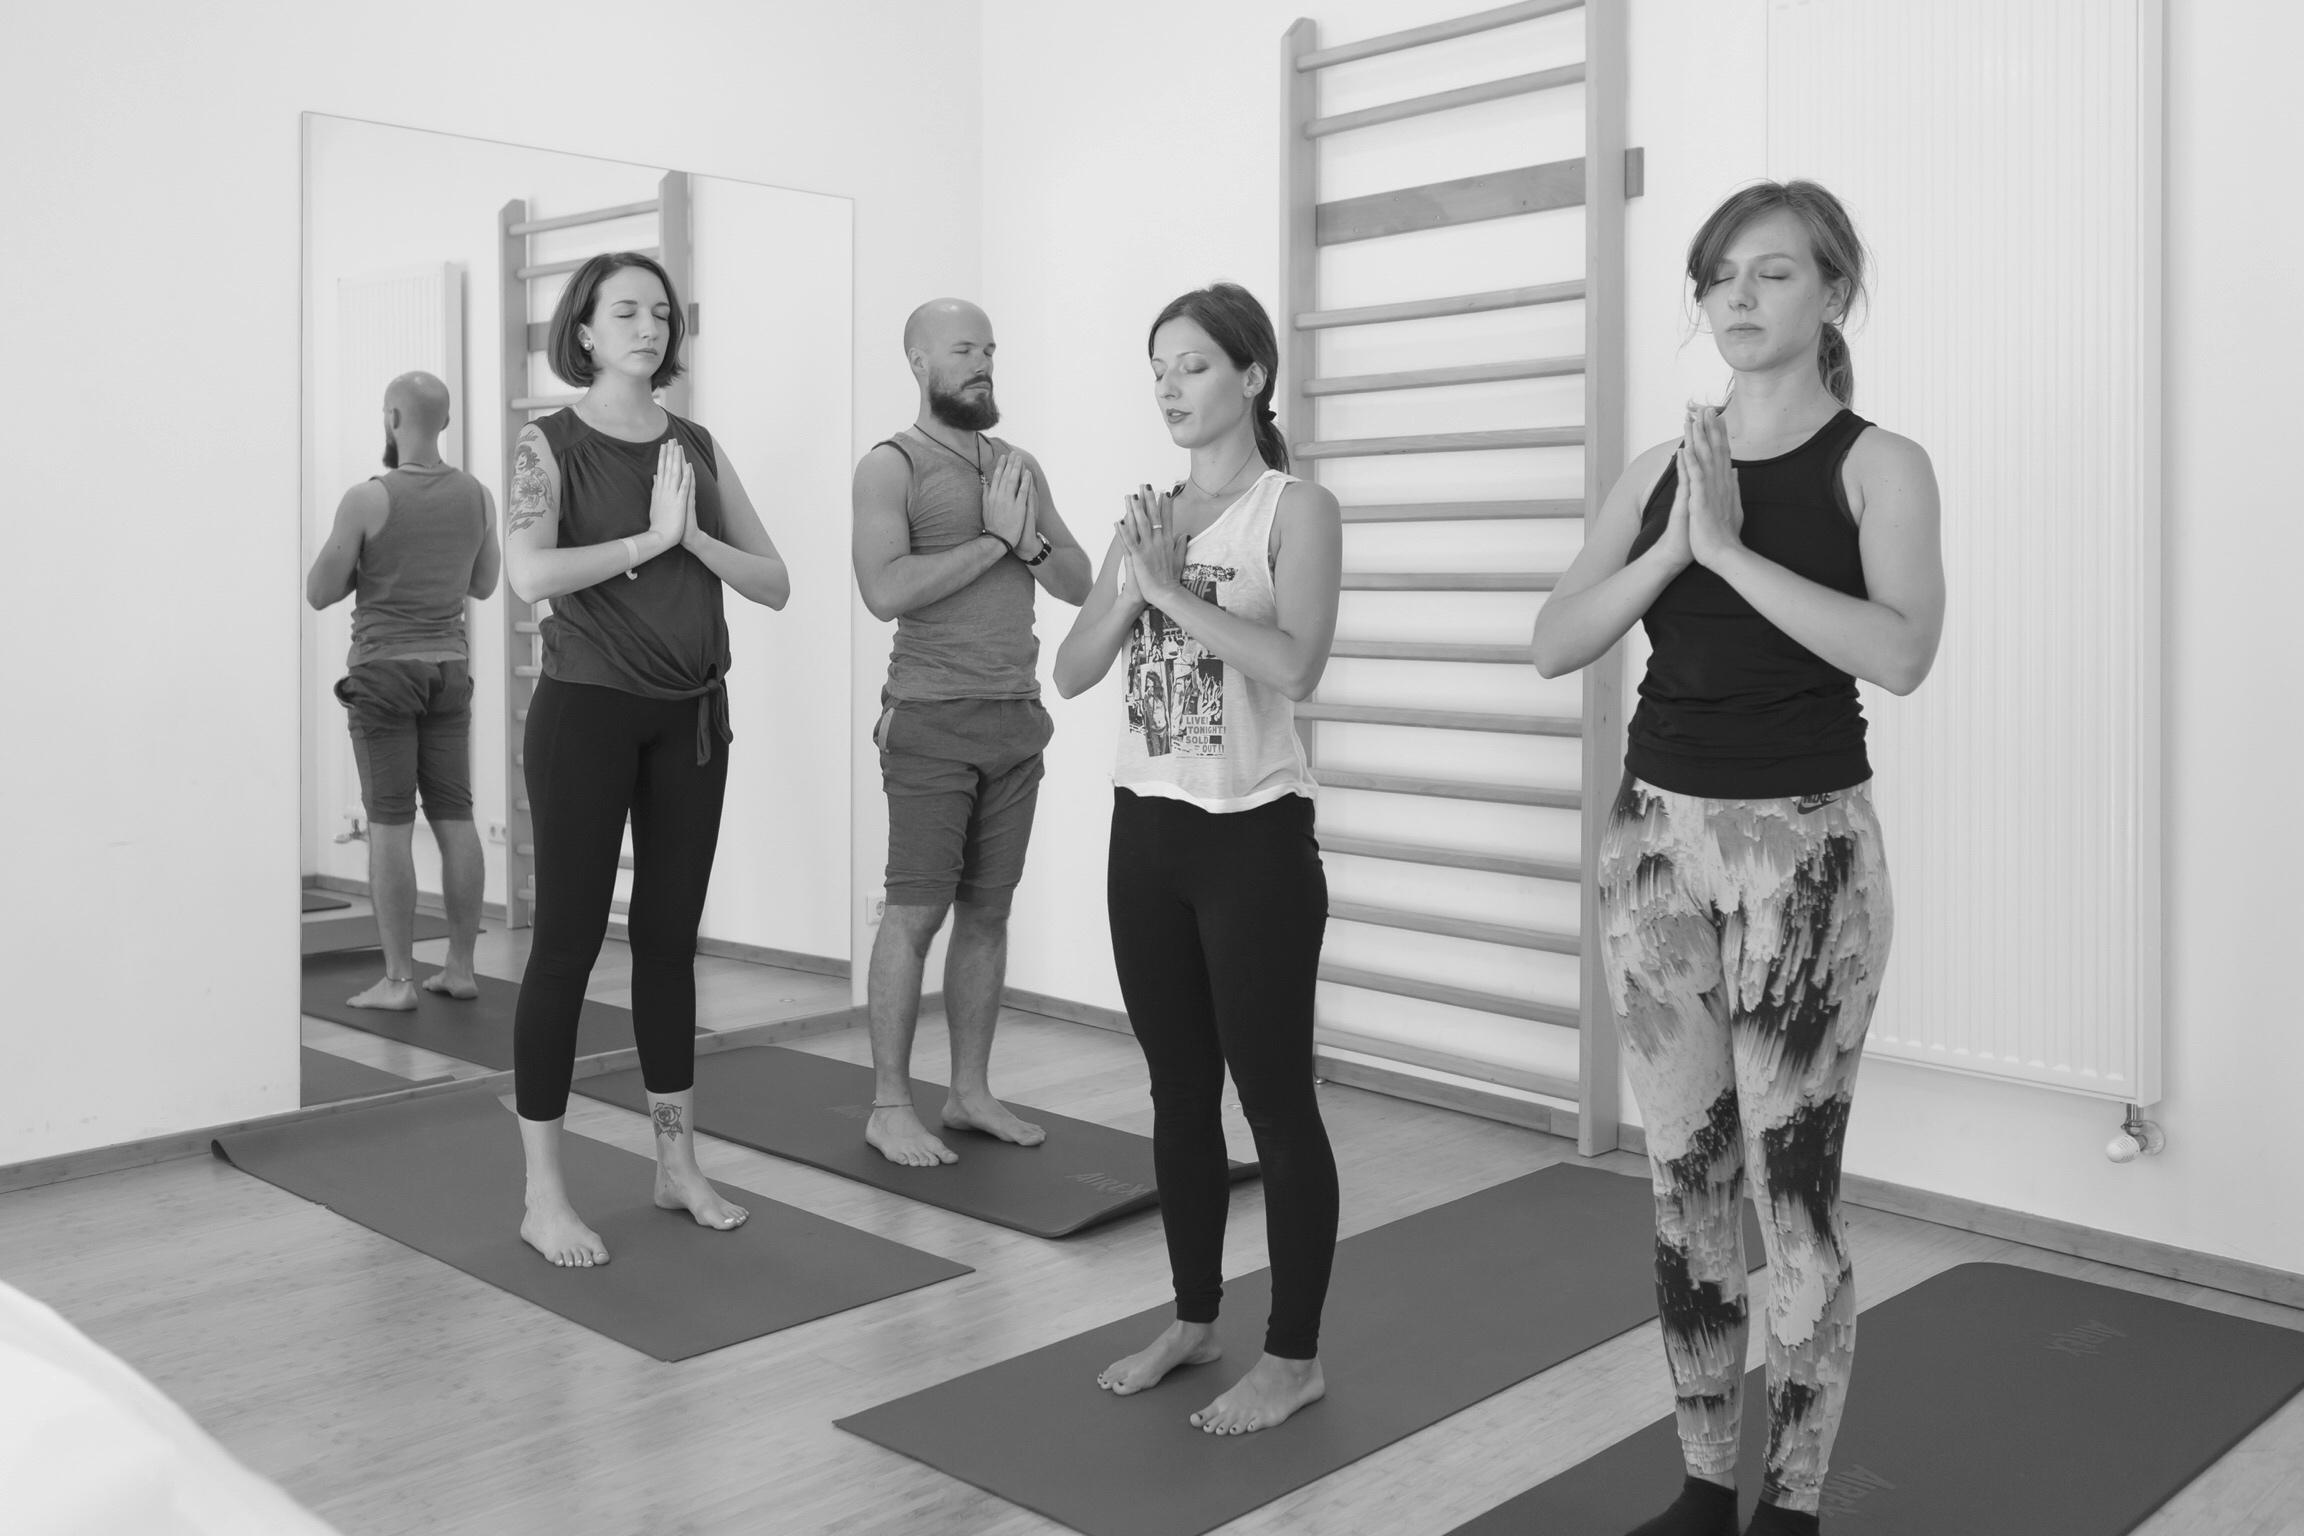 Yoga Gruppe im Stehen mit Händen in Gebetshaltung